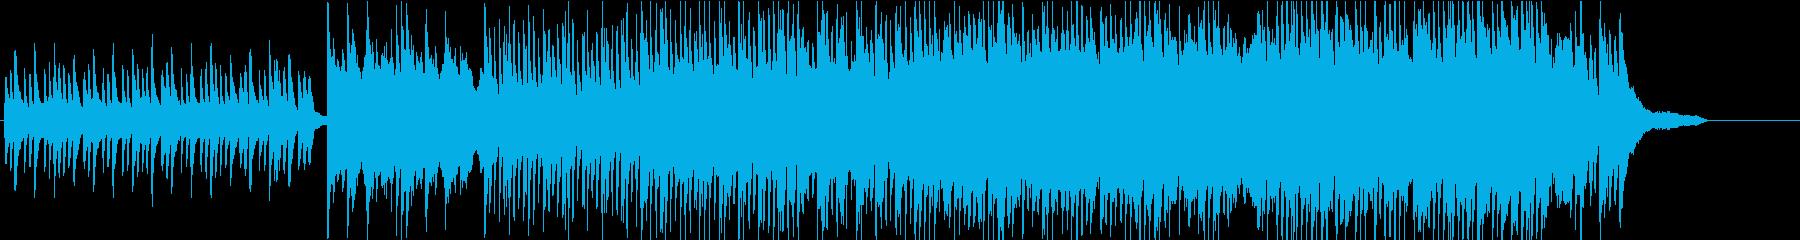 ピアノと琴、三味線によるゆったり和曲の再生済みの波形